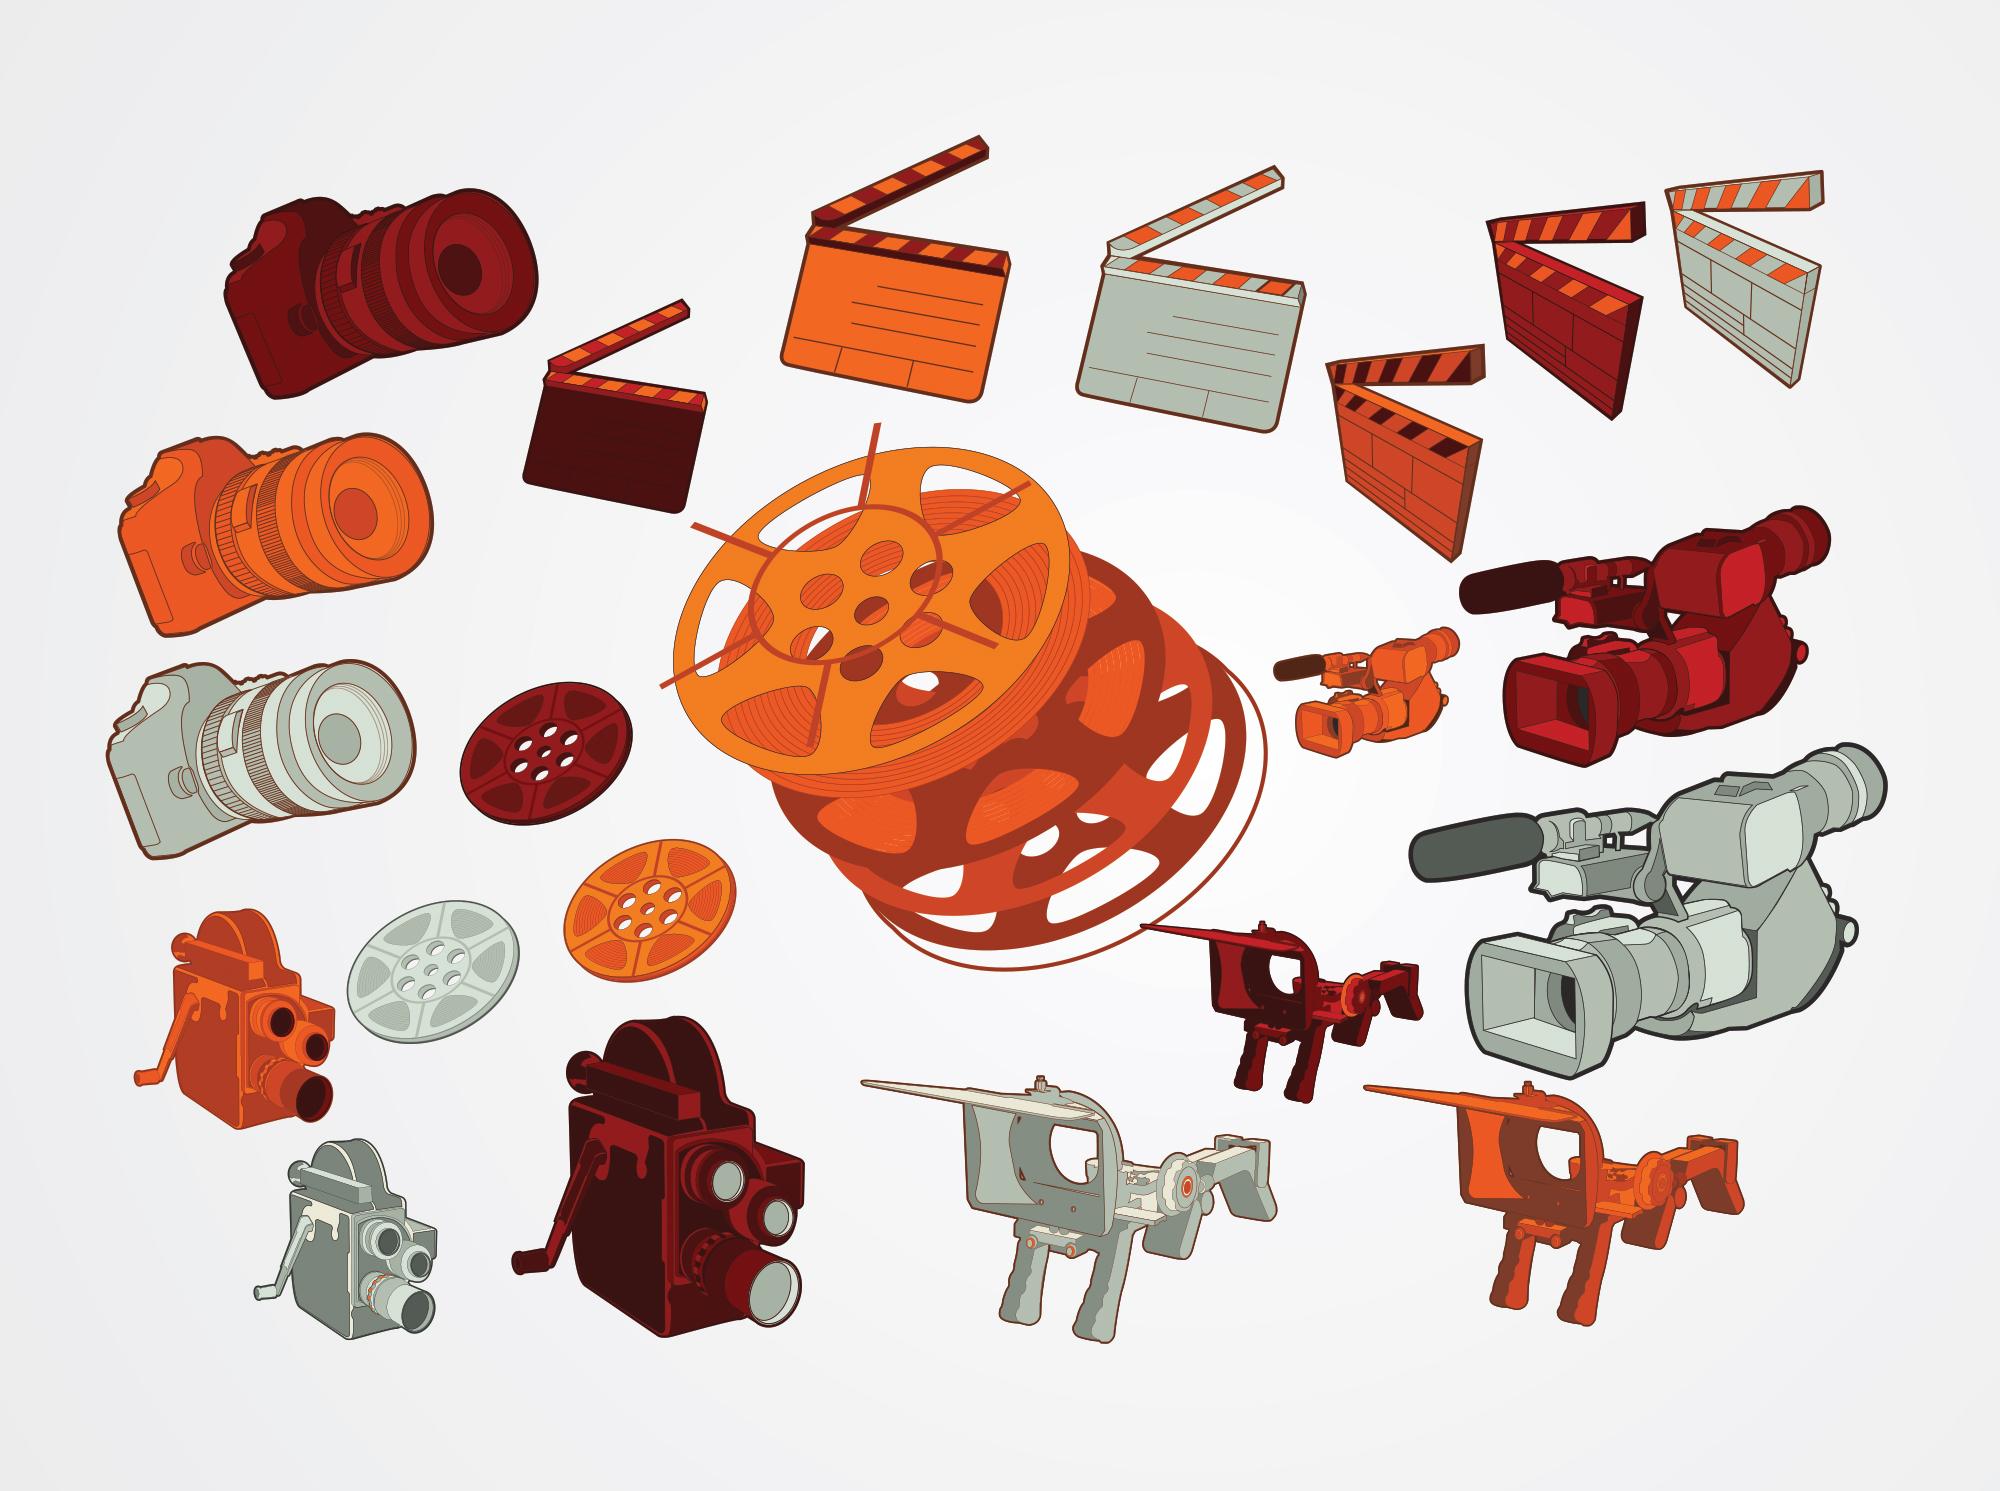 equipamentos-2olhares